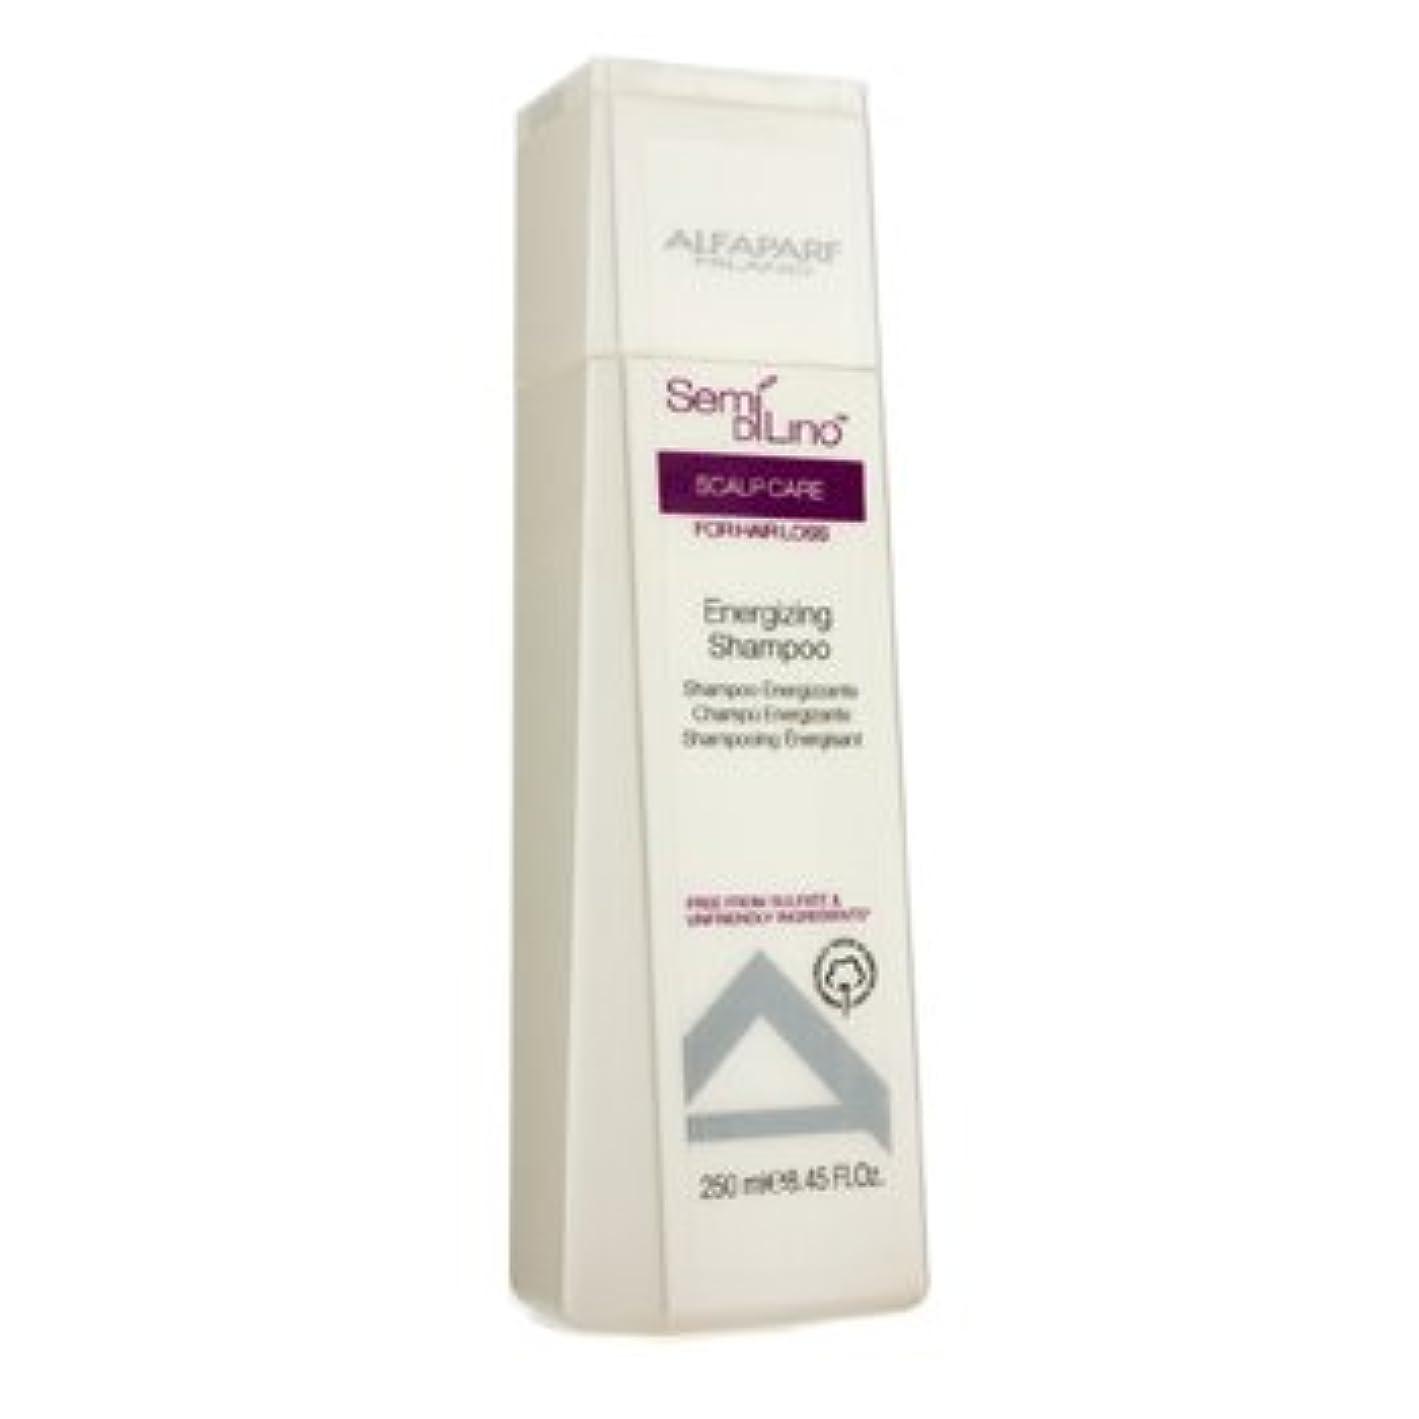 うん元気ジョリー[AlfaParf] Semi Di Lino Scalp Care Energizing Shampoo (For Hair Loss) 250ml/8.45oz